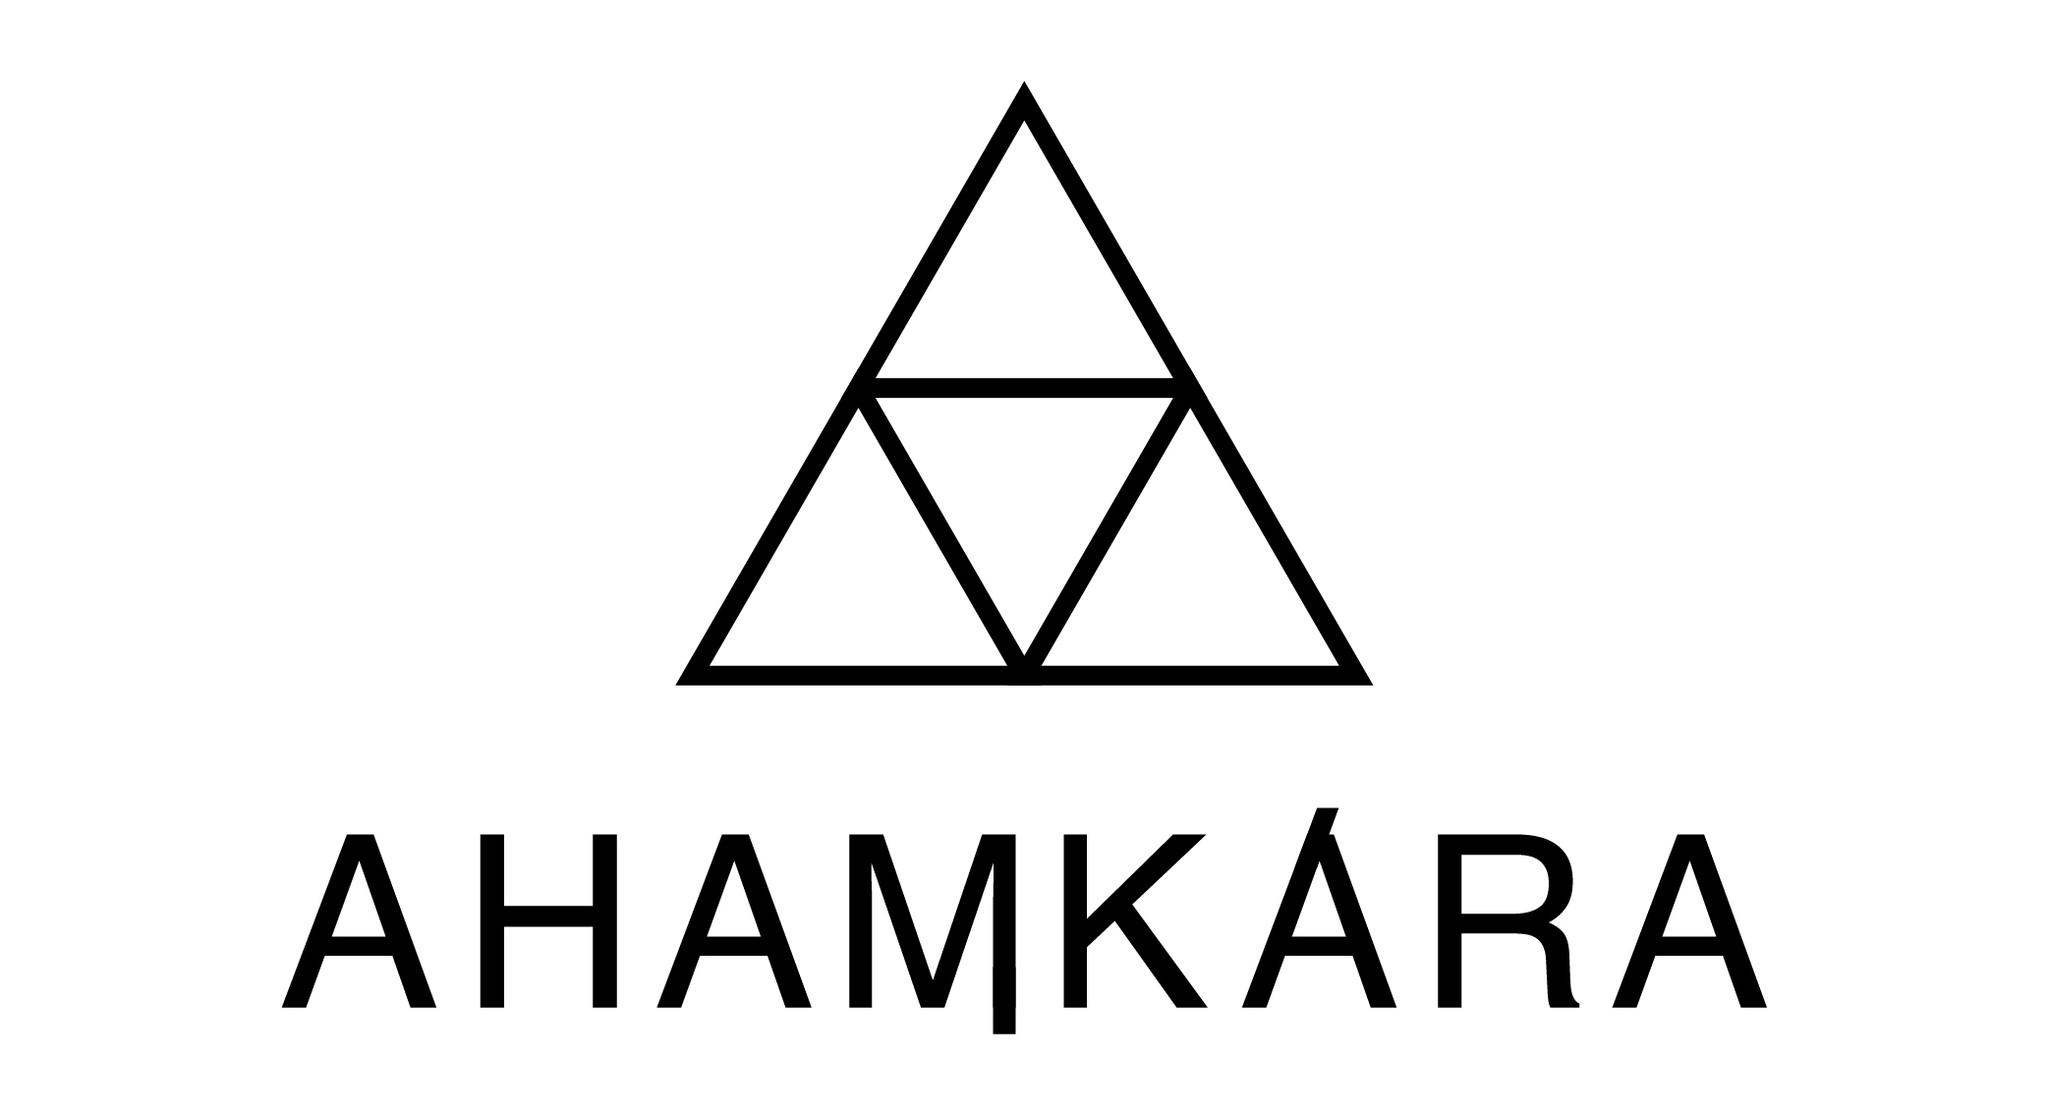 テックウェア専門店 AHAMKARA